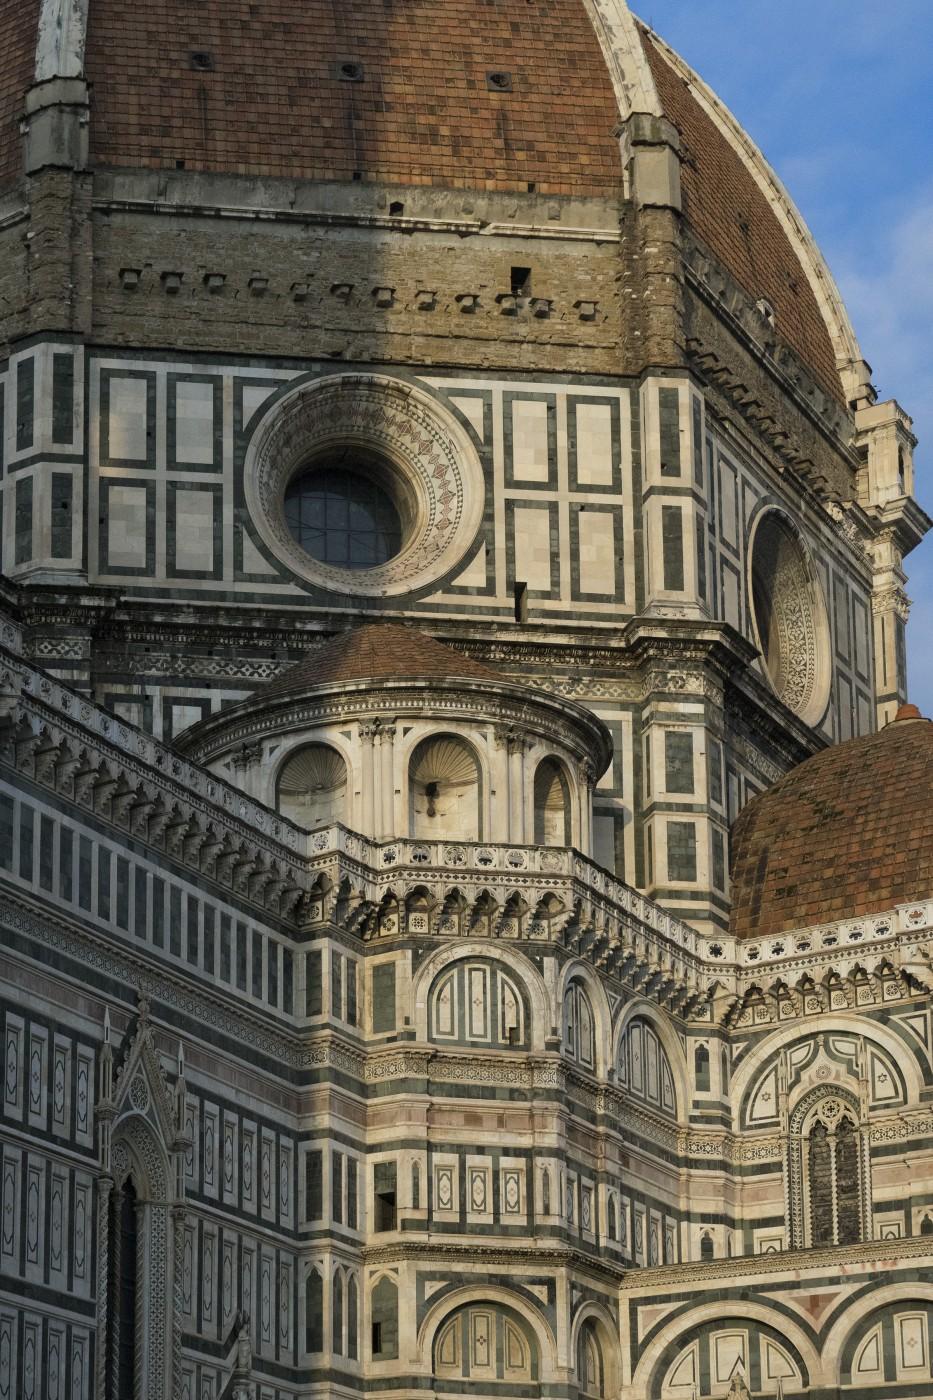 David H. Clendenning, </span><span><em>Duomo of Florence</em>, </span><span>2014